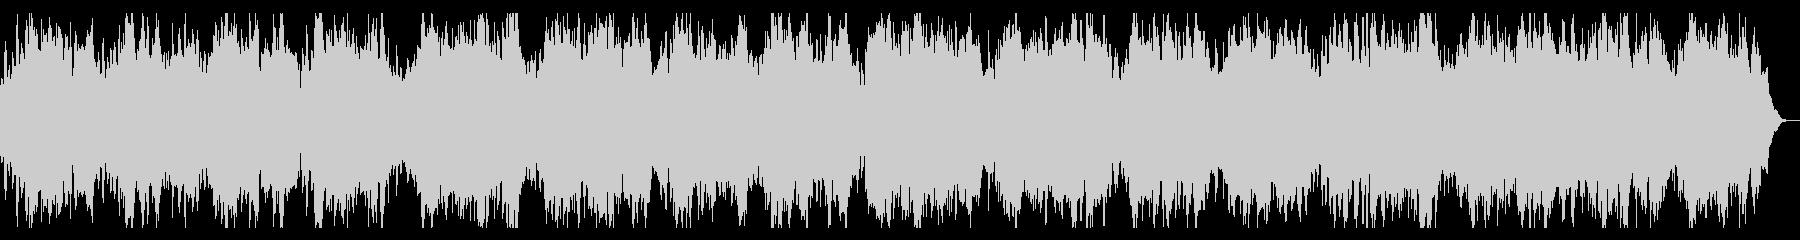 ダークなストリングスとアルペジオのBGMの未再生の波形